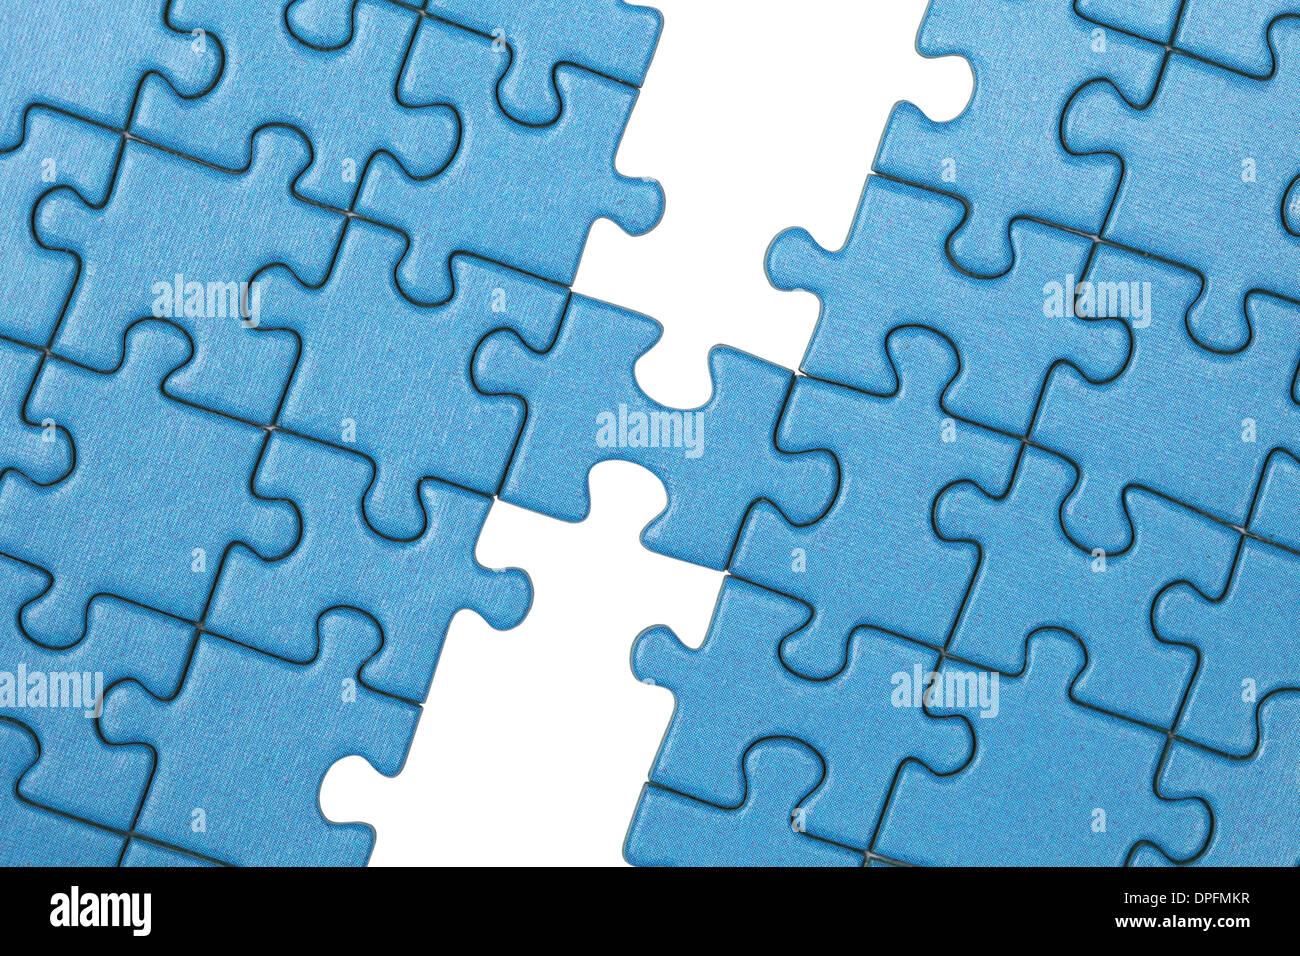 Immagine simbolica che mostra il collegamento tra le due parti con un puzzle Immagini Stock